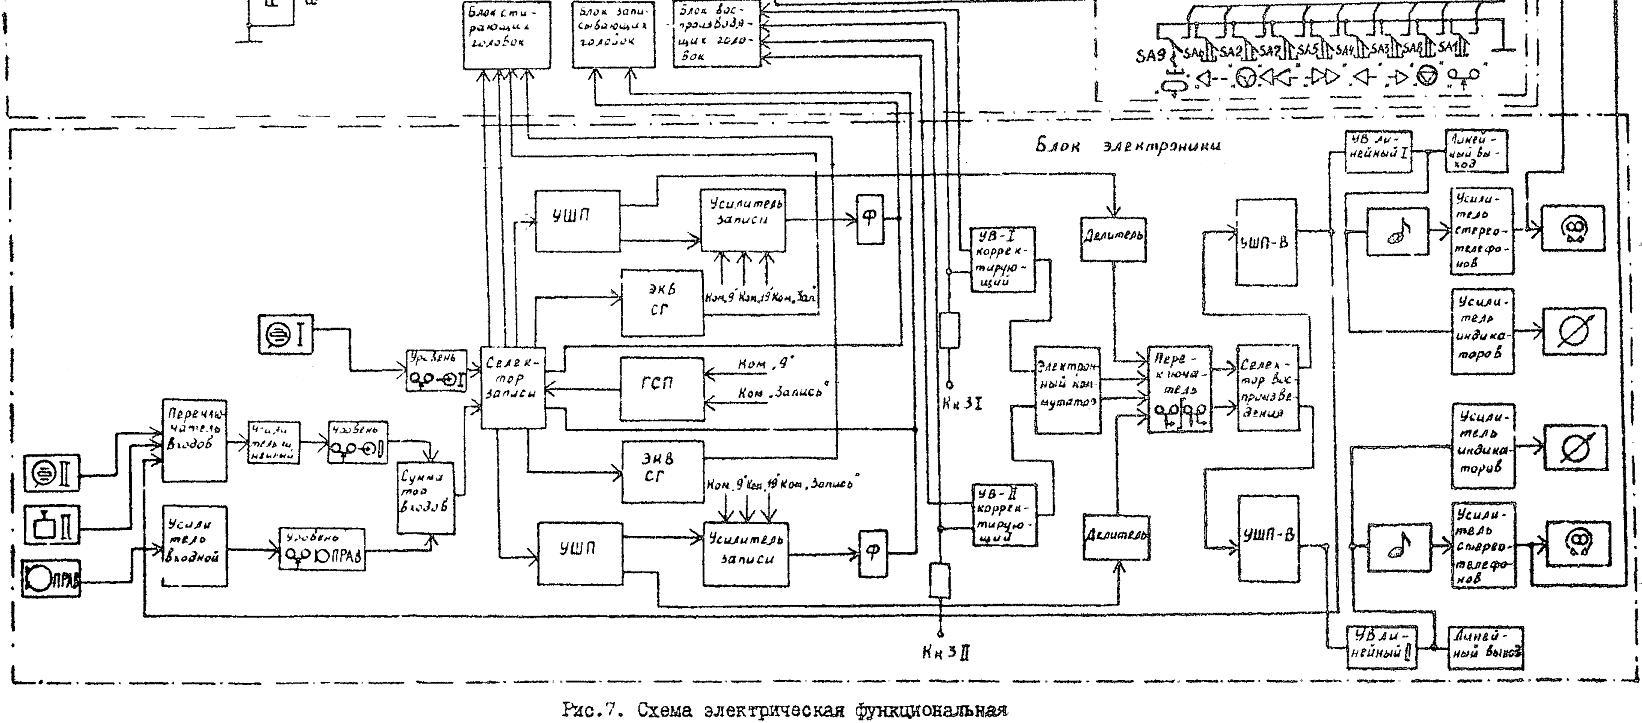 Идель 001 1 схема